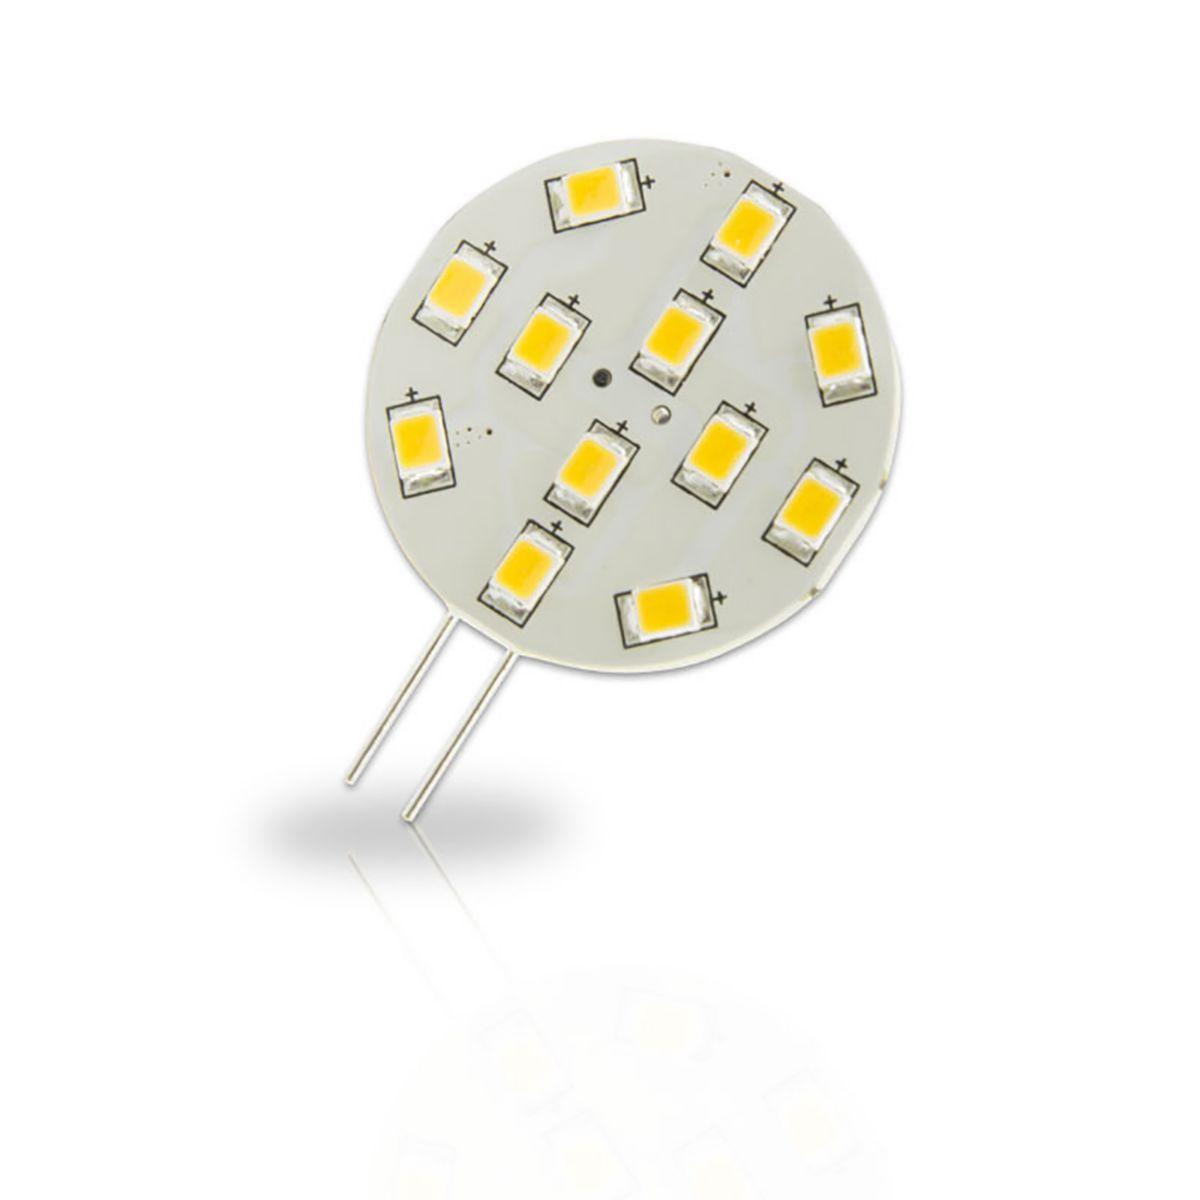 INNOVATE LED-Leuchtmittel mit Energieeffizienzk...